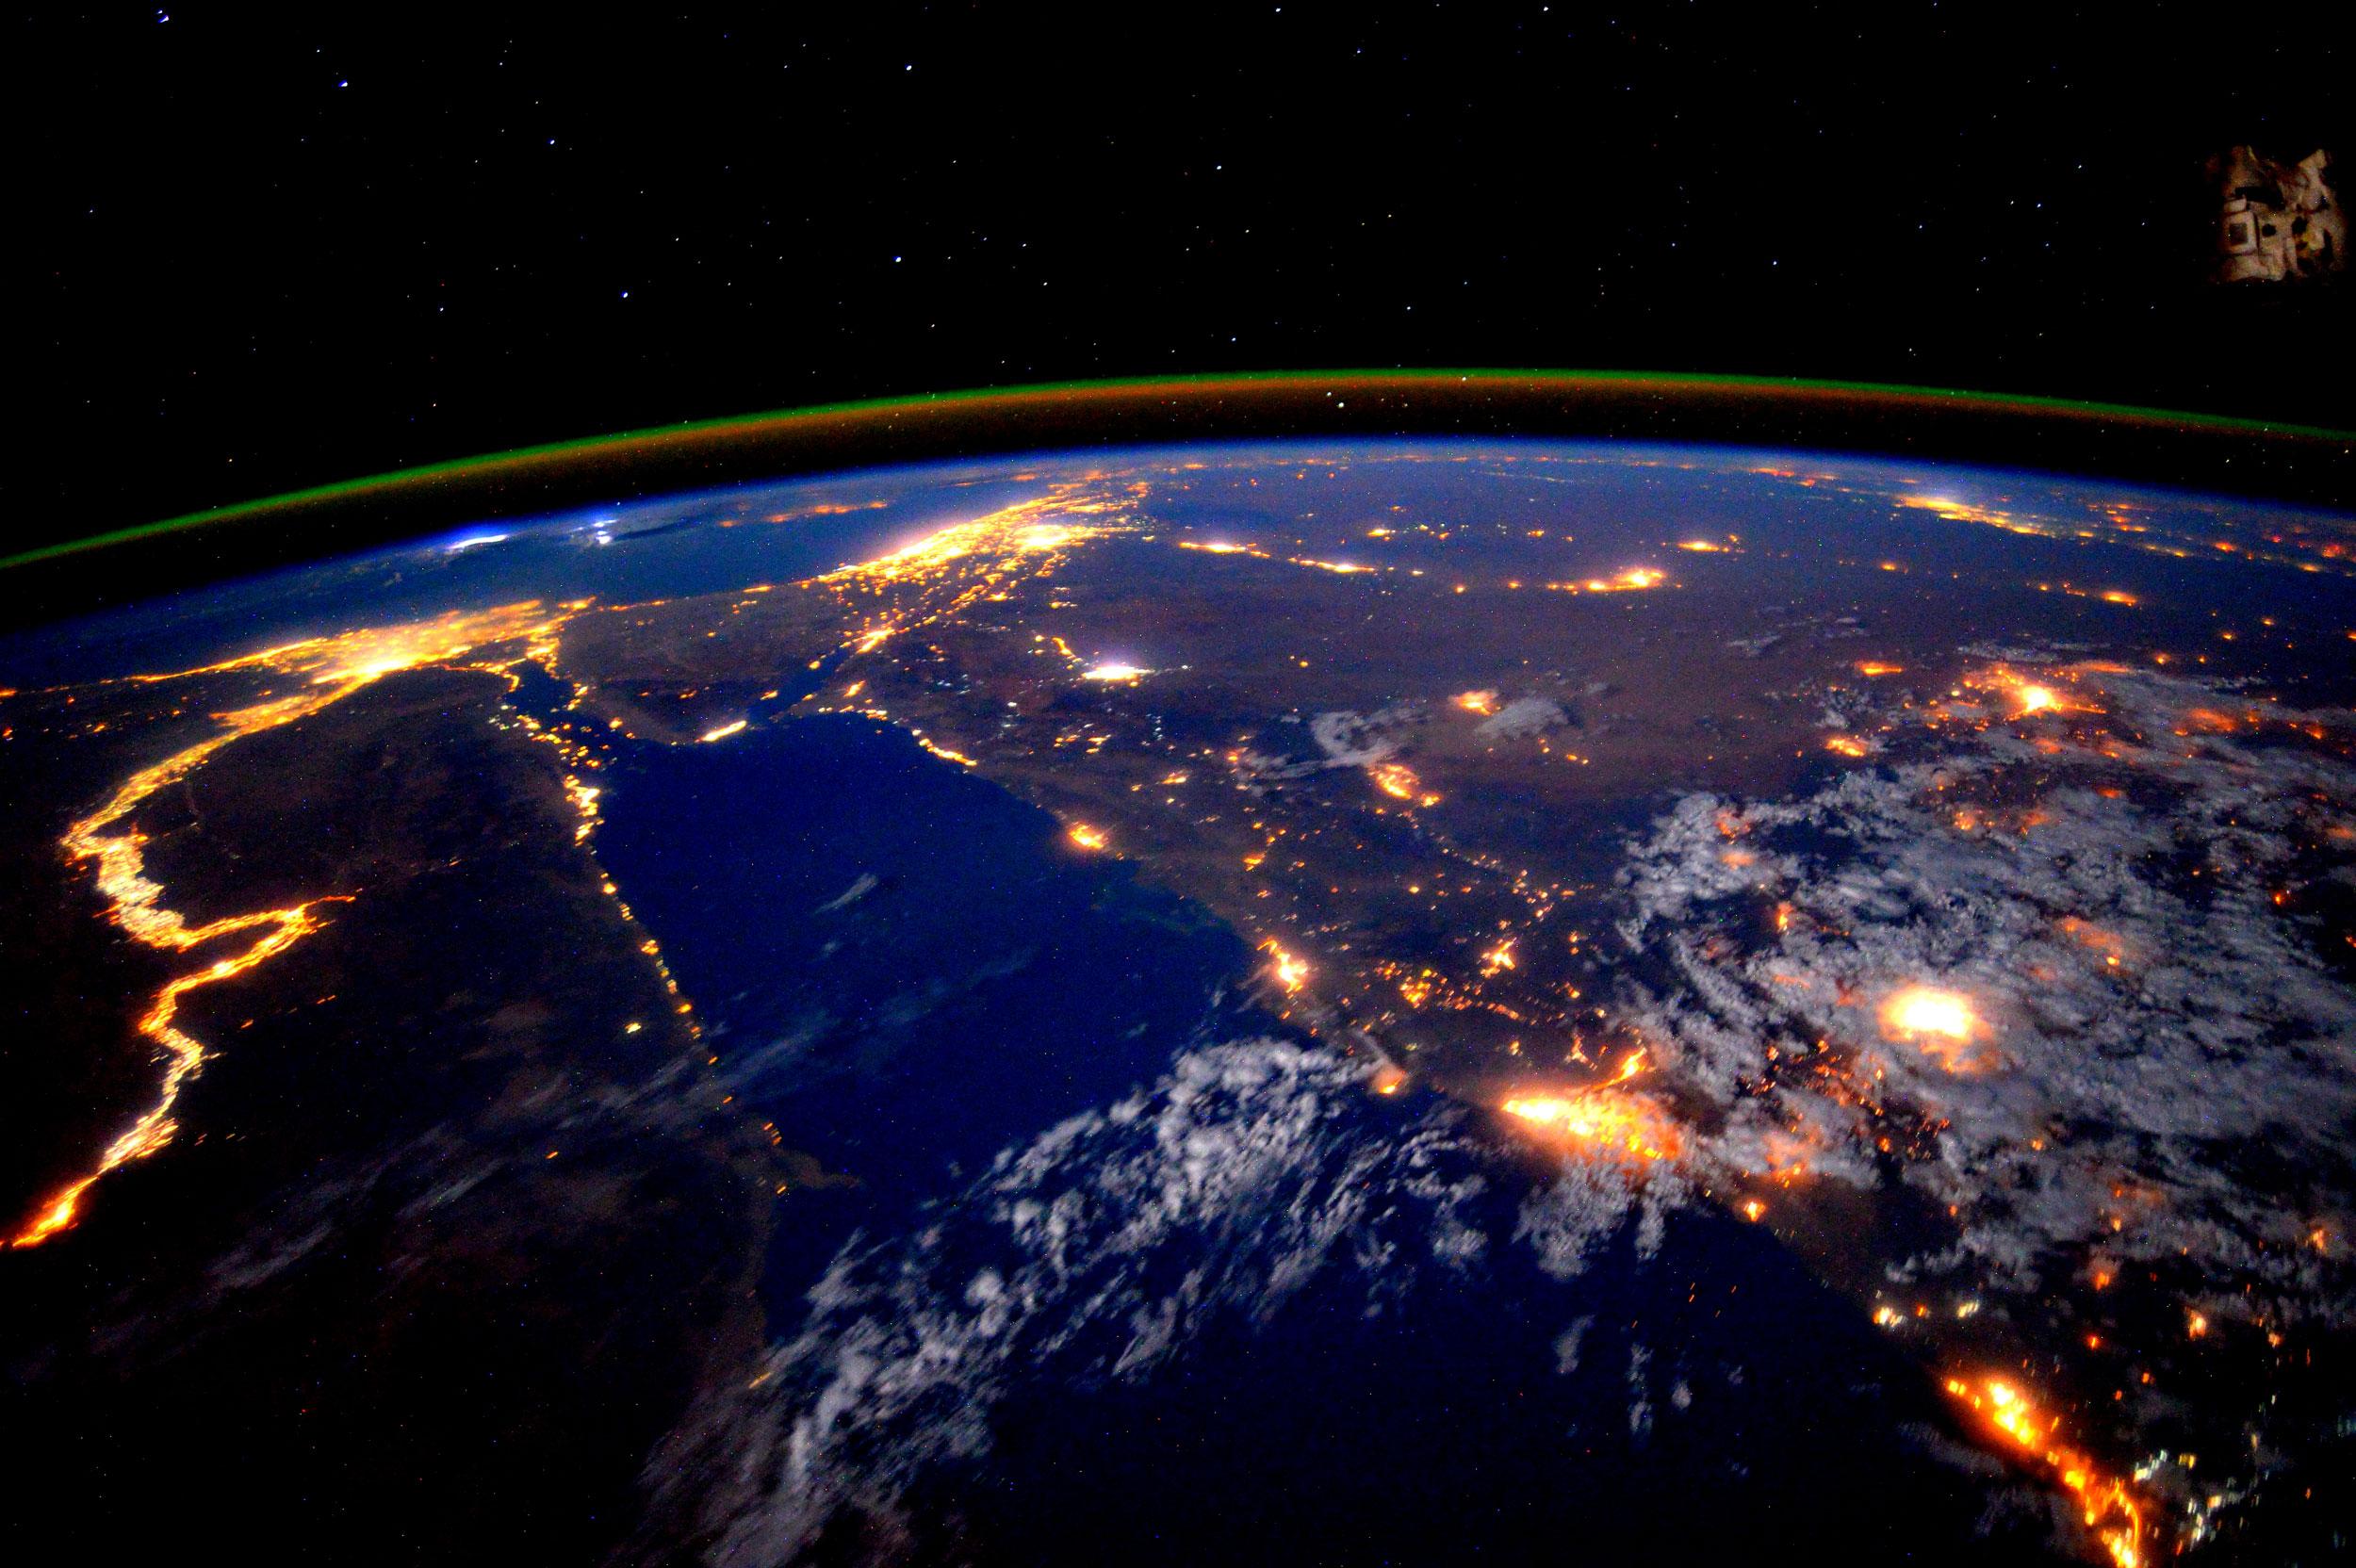 صوره الكرة الارضية ليلا , اجمل الصور للكرة الارضية